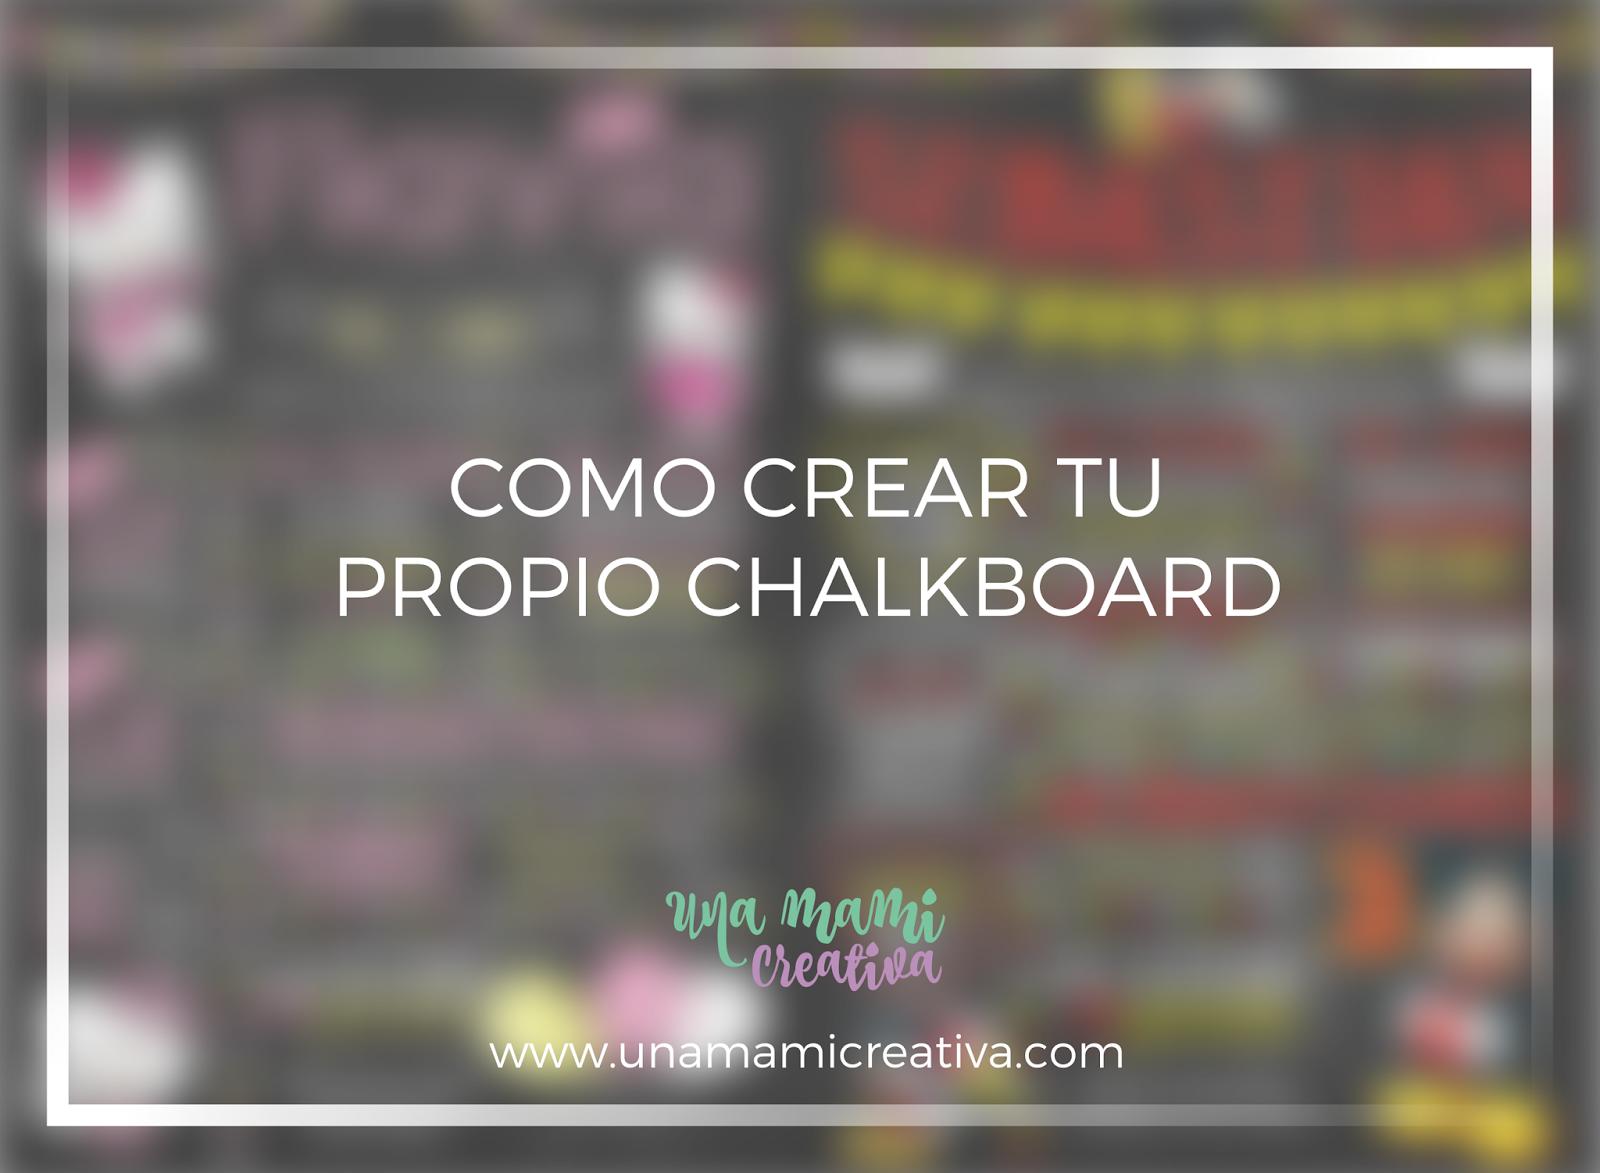 Como crear tu propio chalkboard una mami creativa for Como hacer tu propio astringente herbal